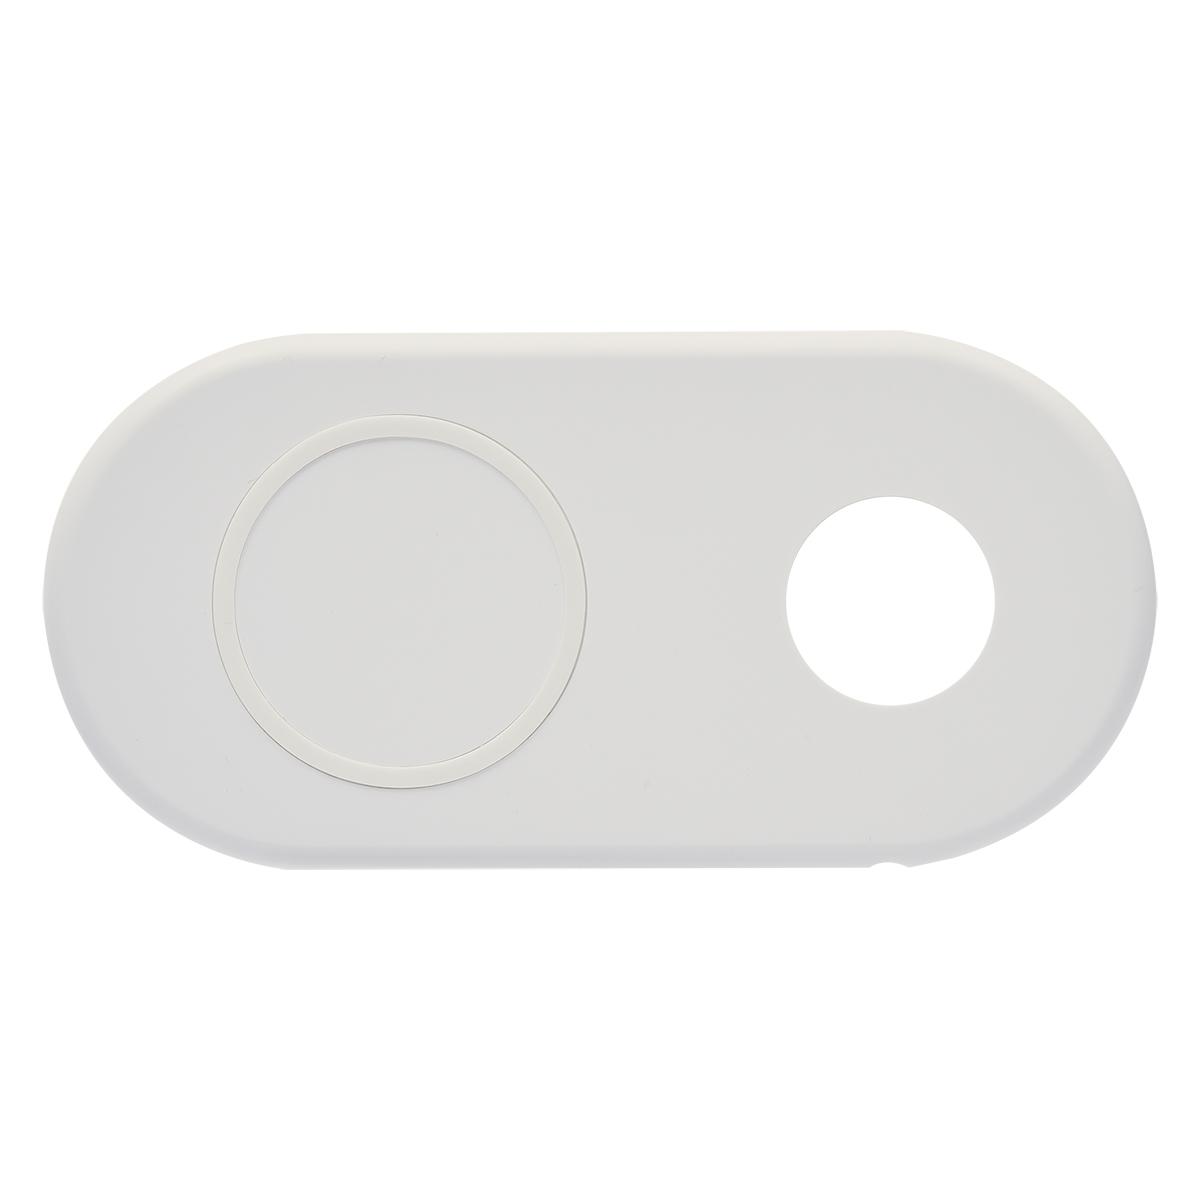 2783 - Base de Carga Inalámbrica para Teléfono y Smartwatch Tandem